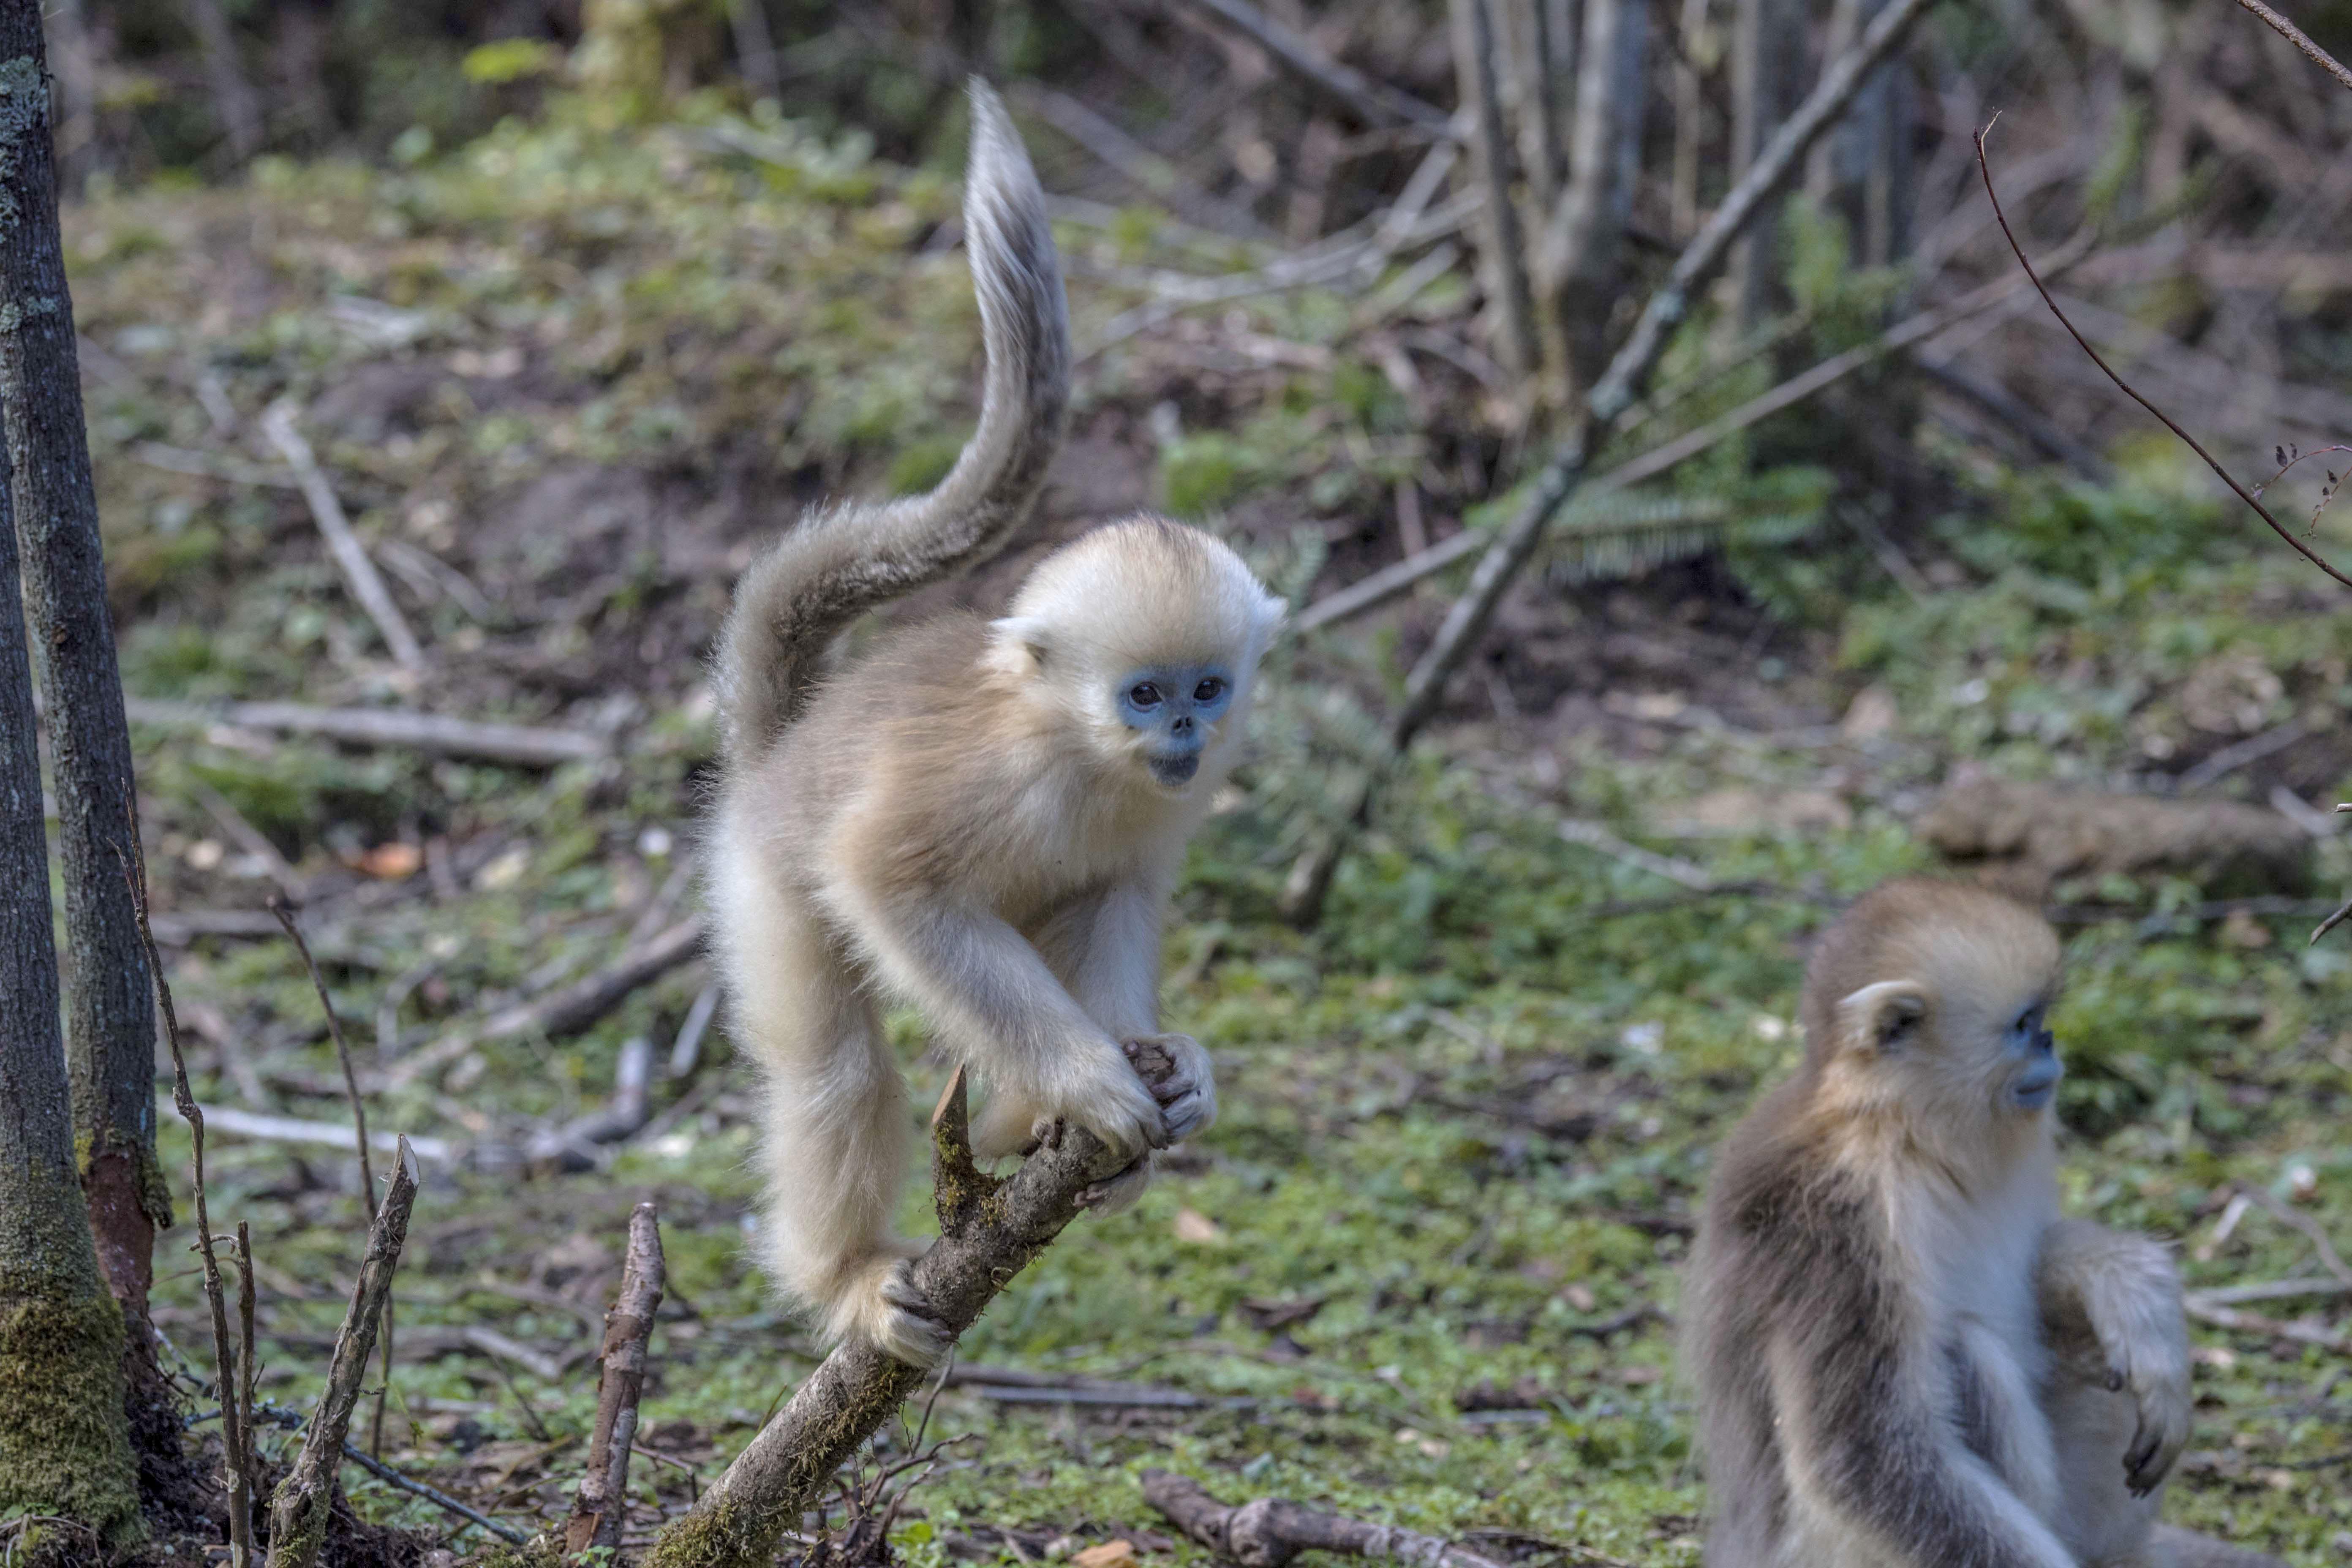 神农架金丝猴是川金丝猴的一个独立亚种,为国家一级保护动物.